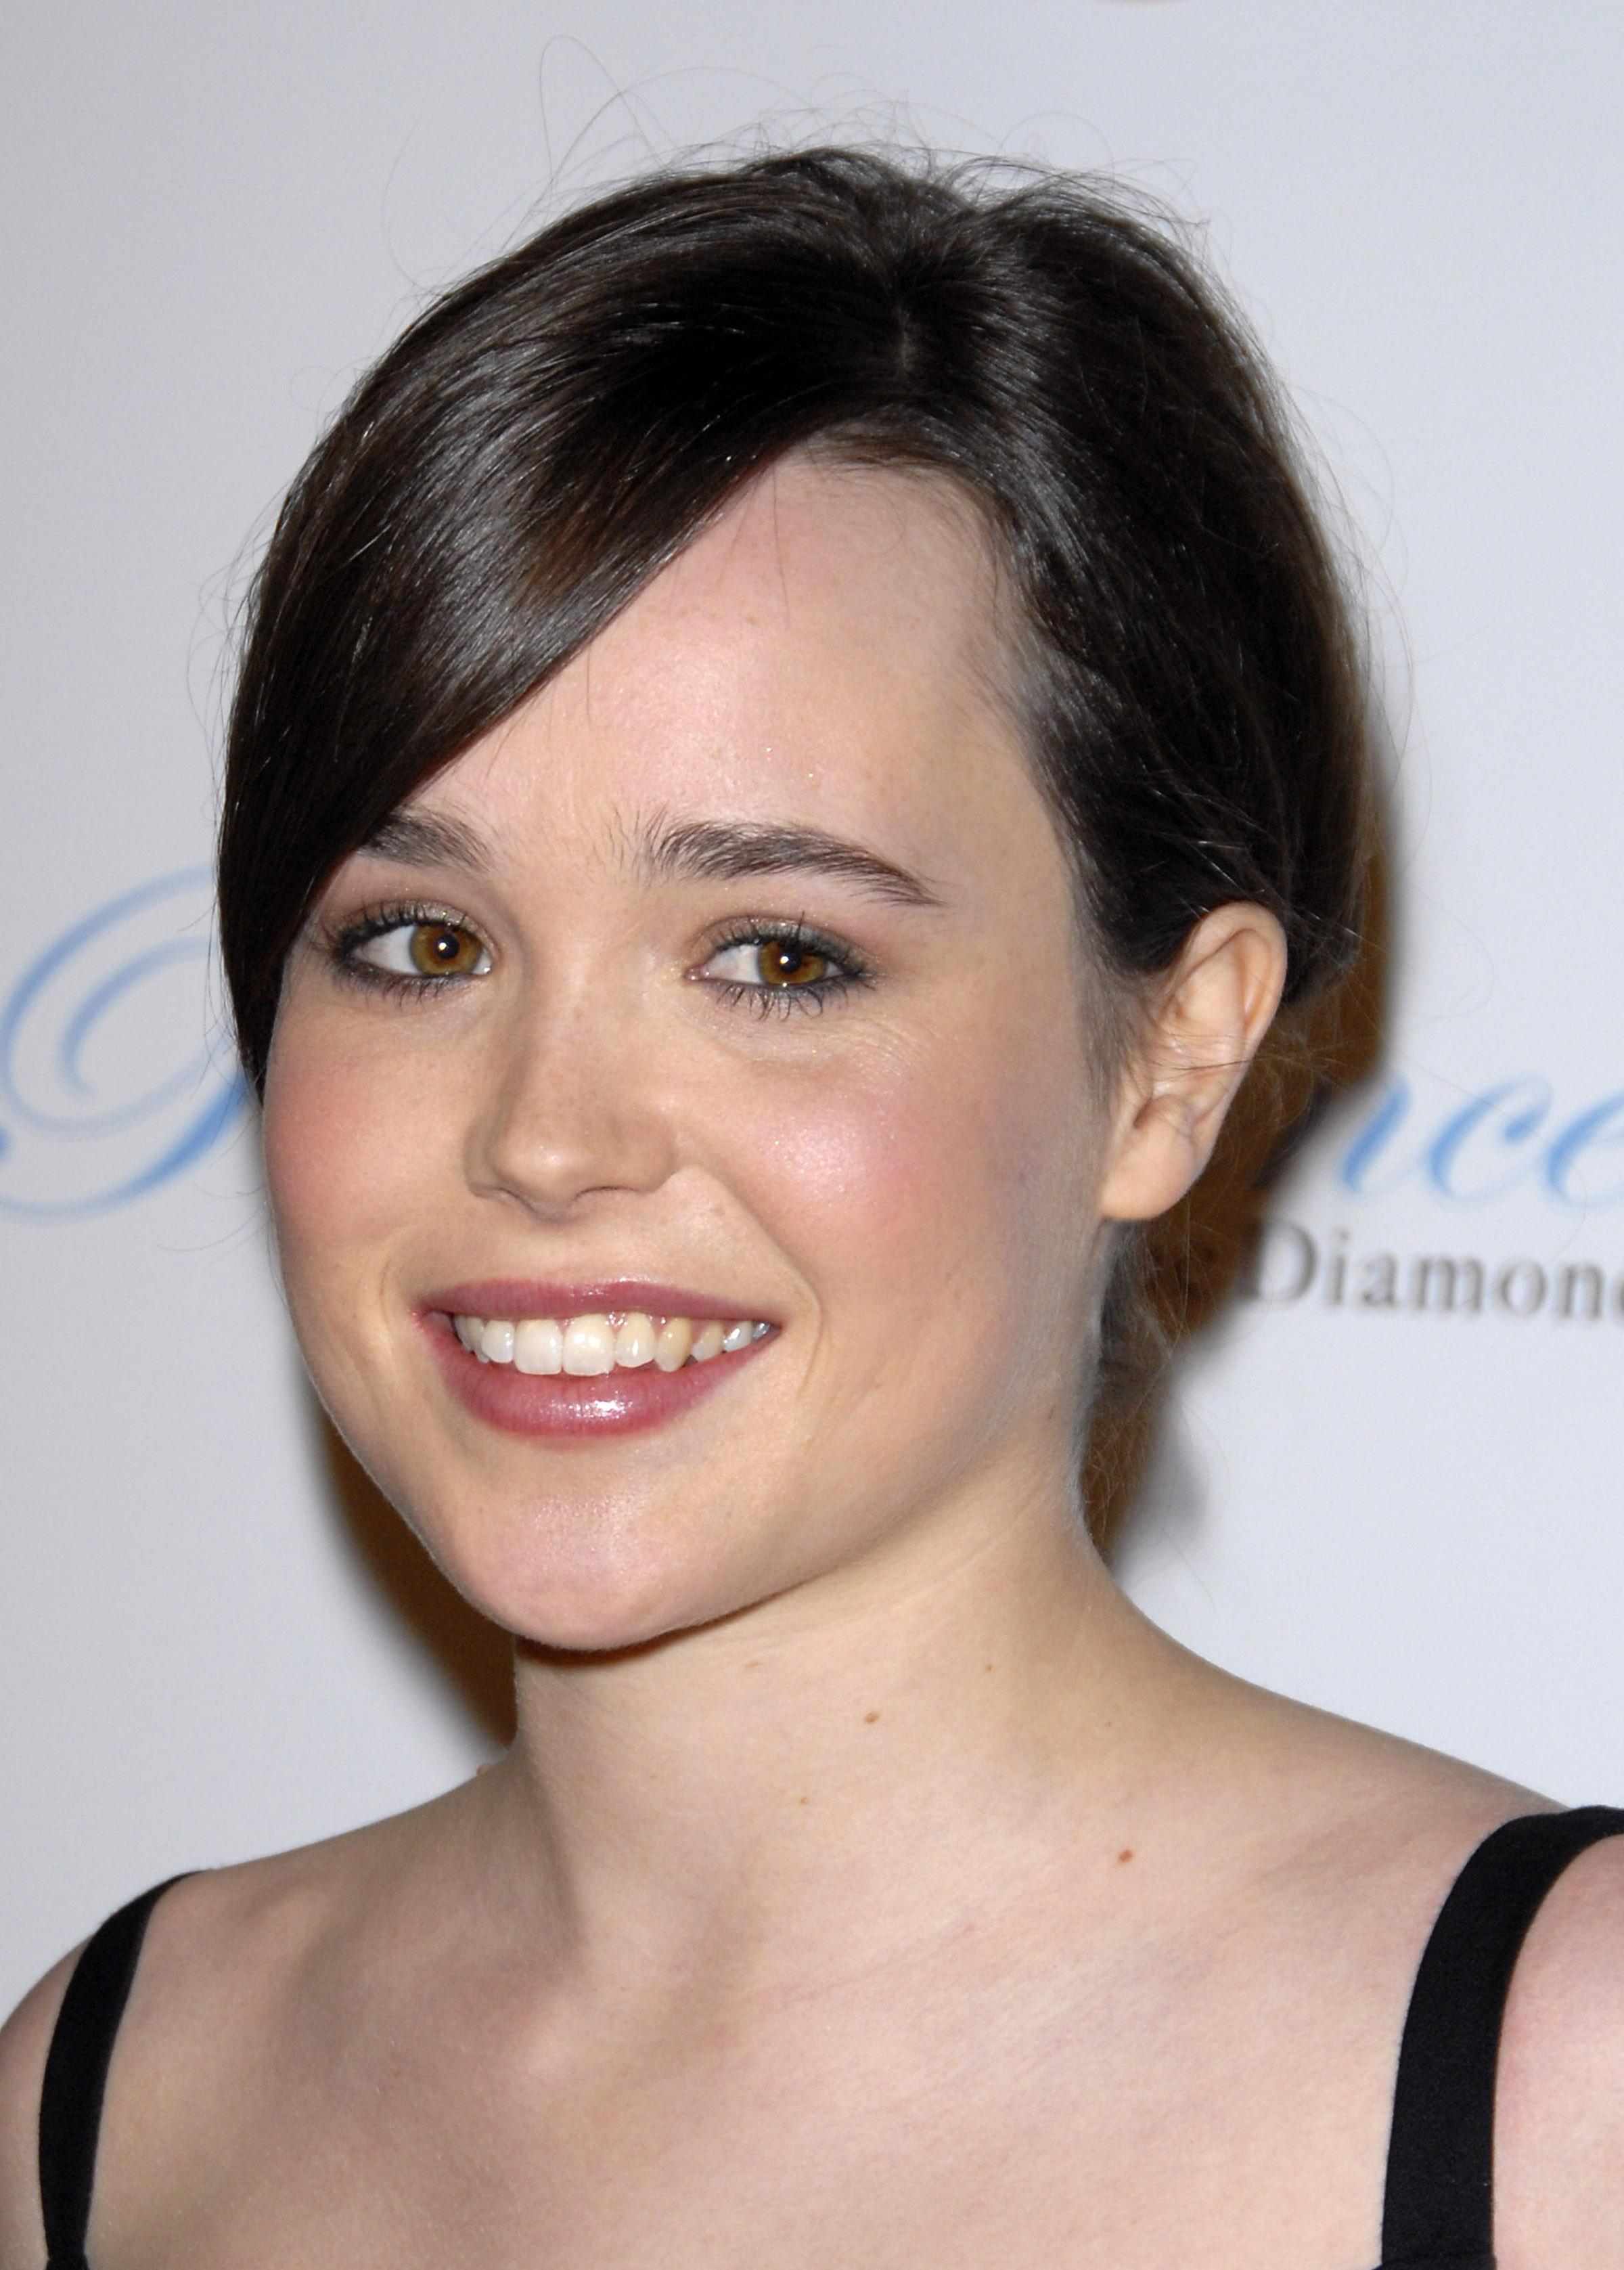 Эллен Пейдж Ellen Page биография и фильмография актёра ... эллен пейдж фильмография